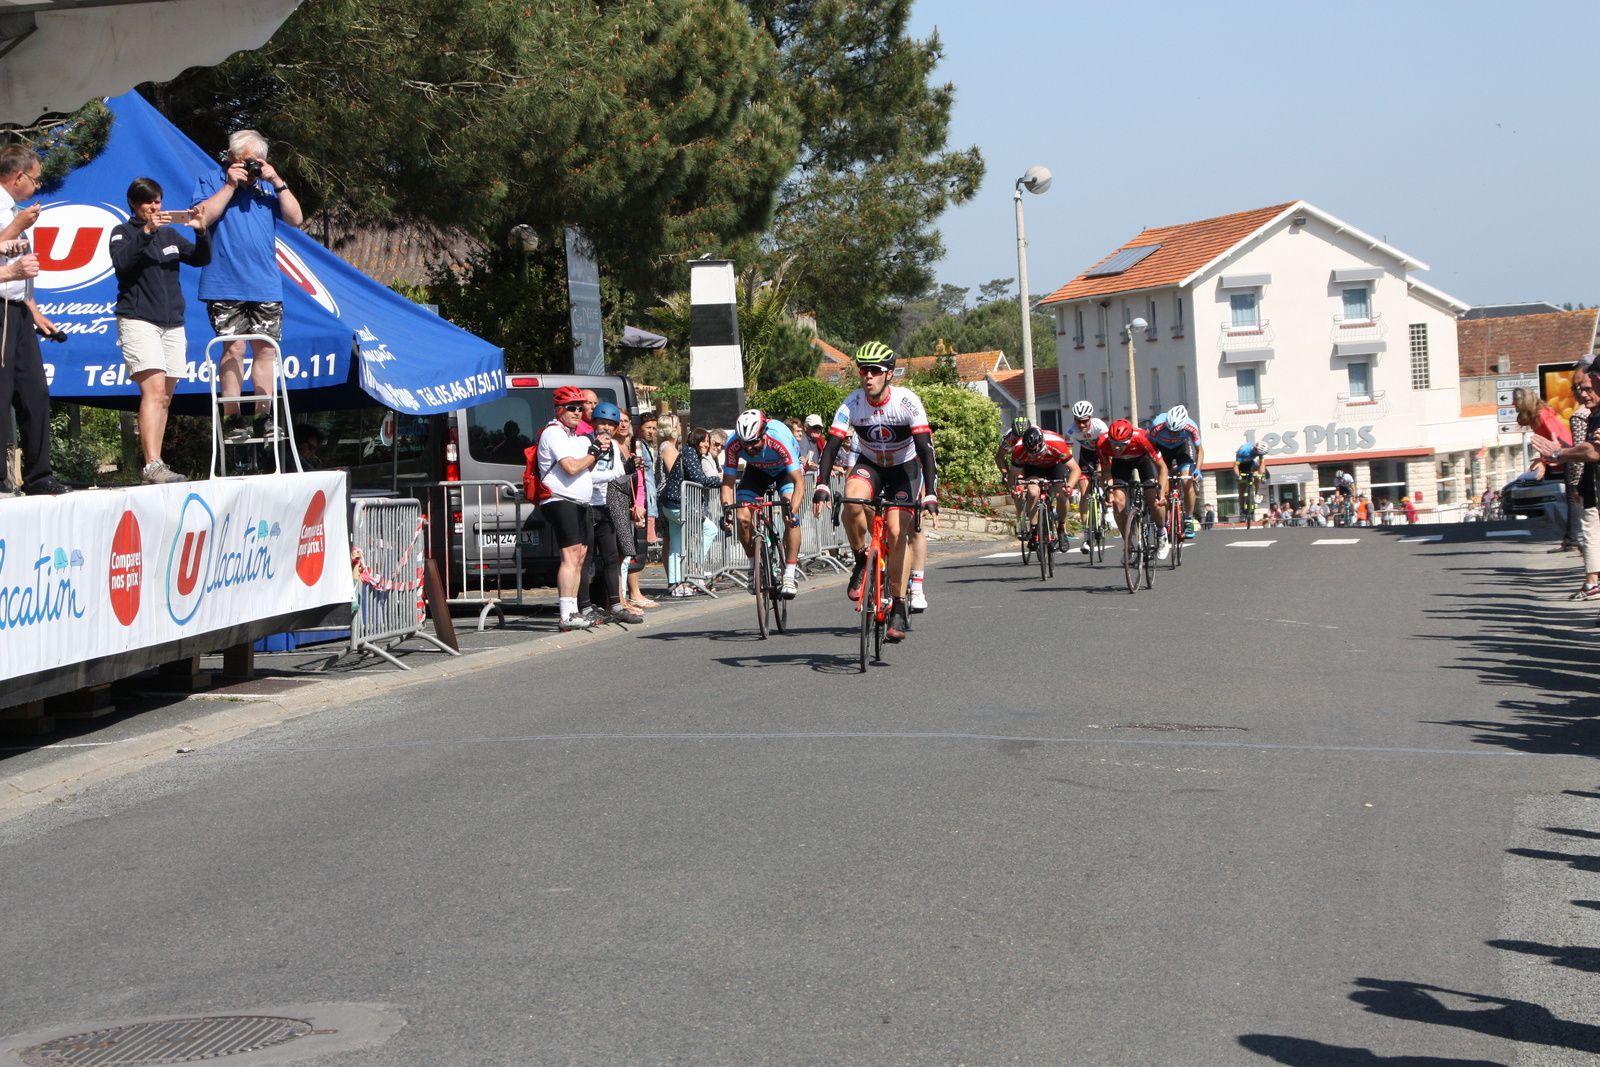 L'arrivée  et  la  victoire  pour Quentin  MARCADIER (AC 4B), 2e  Maxime  GANTIER(VC  Charente-Océan), 3e  Daniel  JURADO(VC  Saintes)